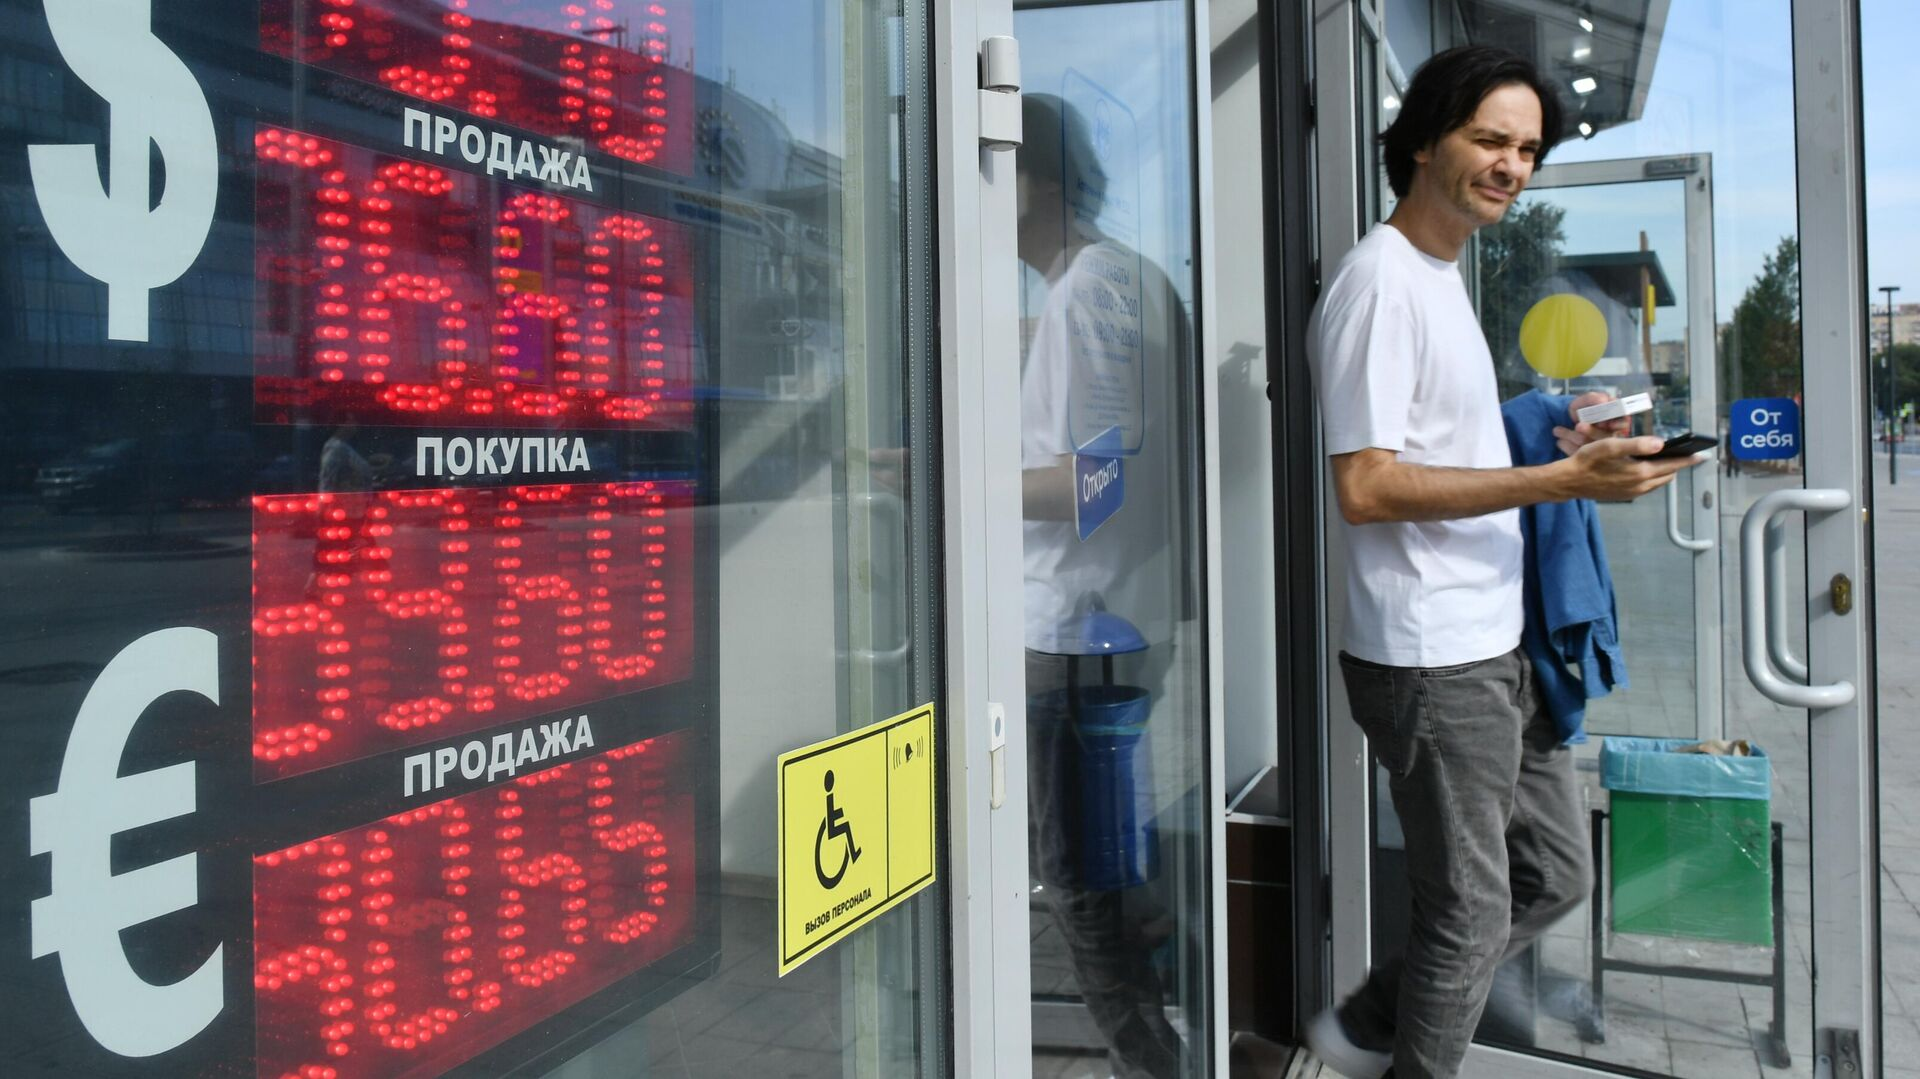 Электронное табло с курсами валют на одной из улиц в Москве - РИА Новости, 1920, 08.09.2020